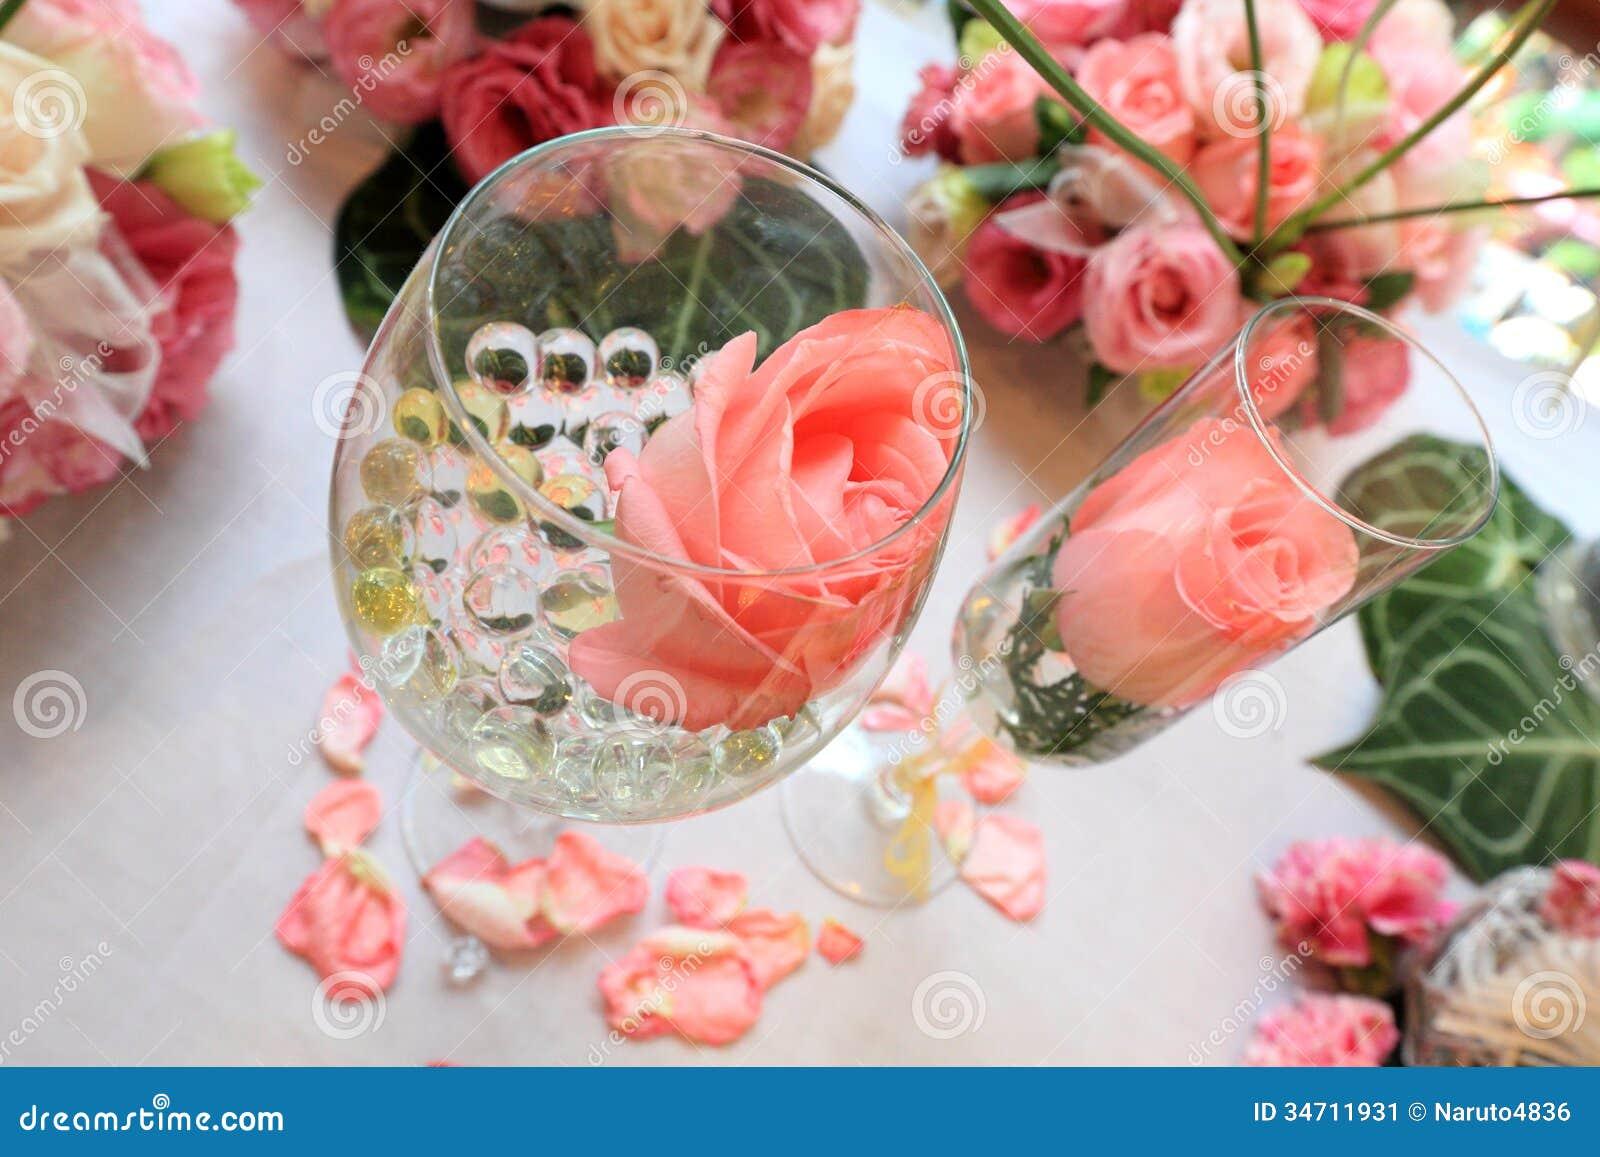 Επιτραπέζια ρύθμιση και λουλούδια γαμήλιων ντεκόρ